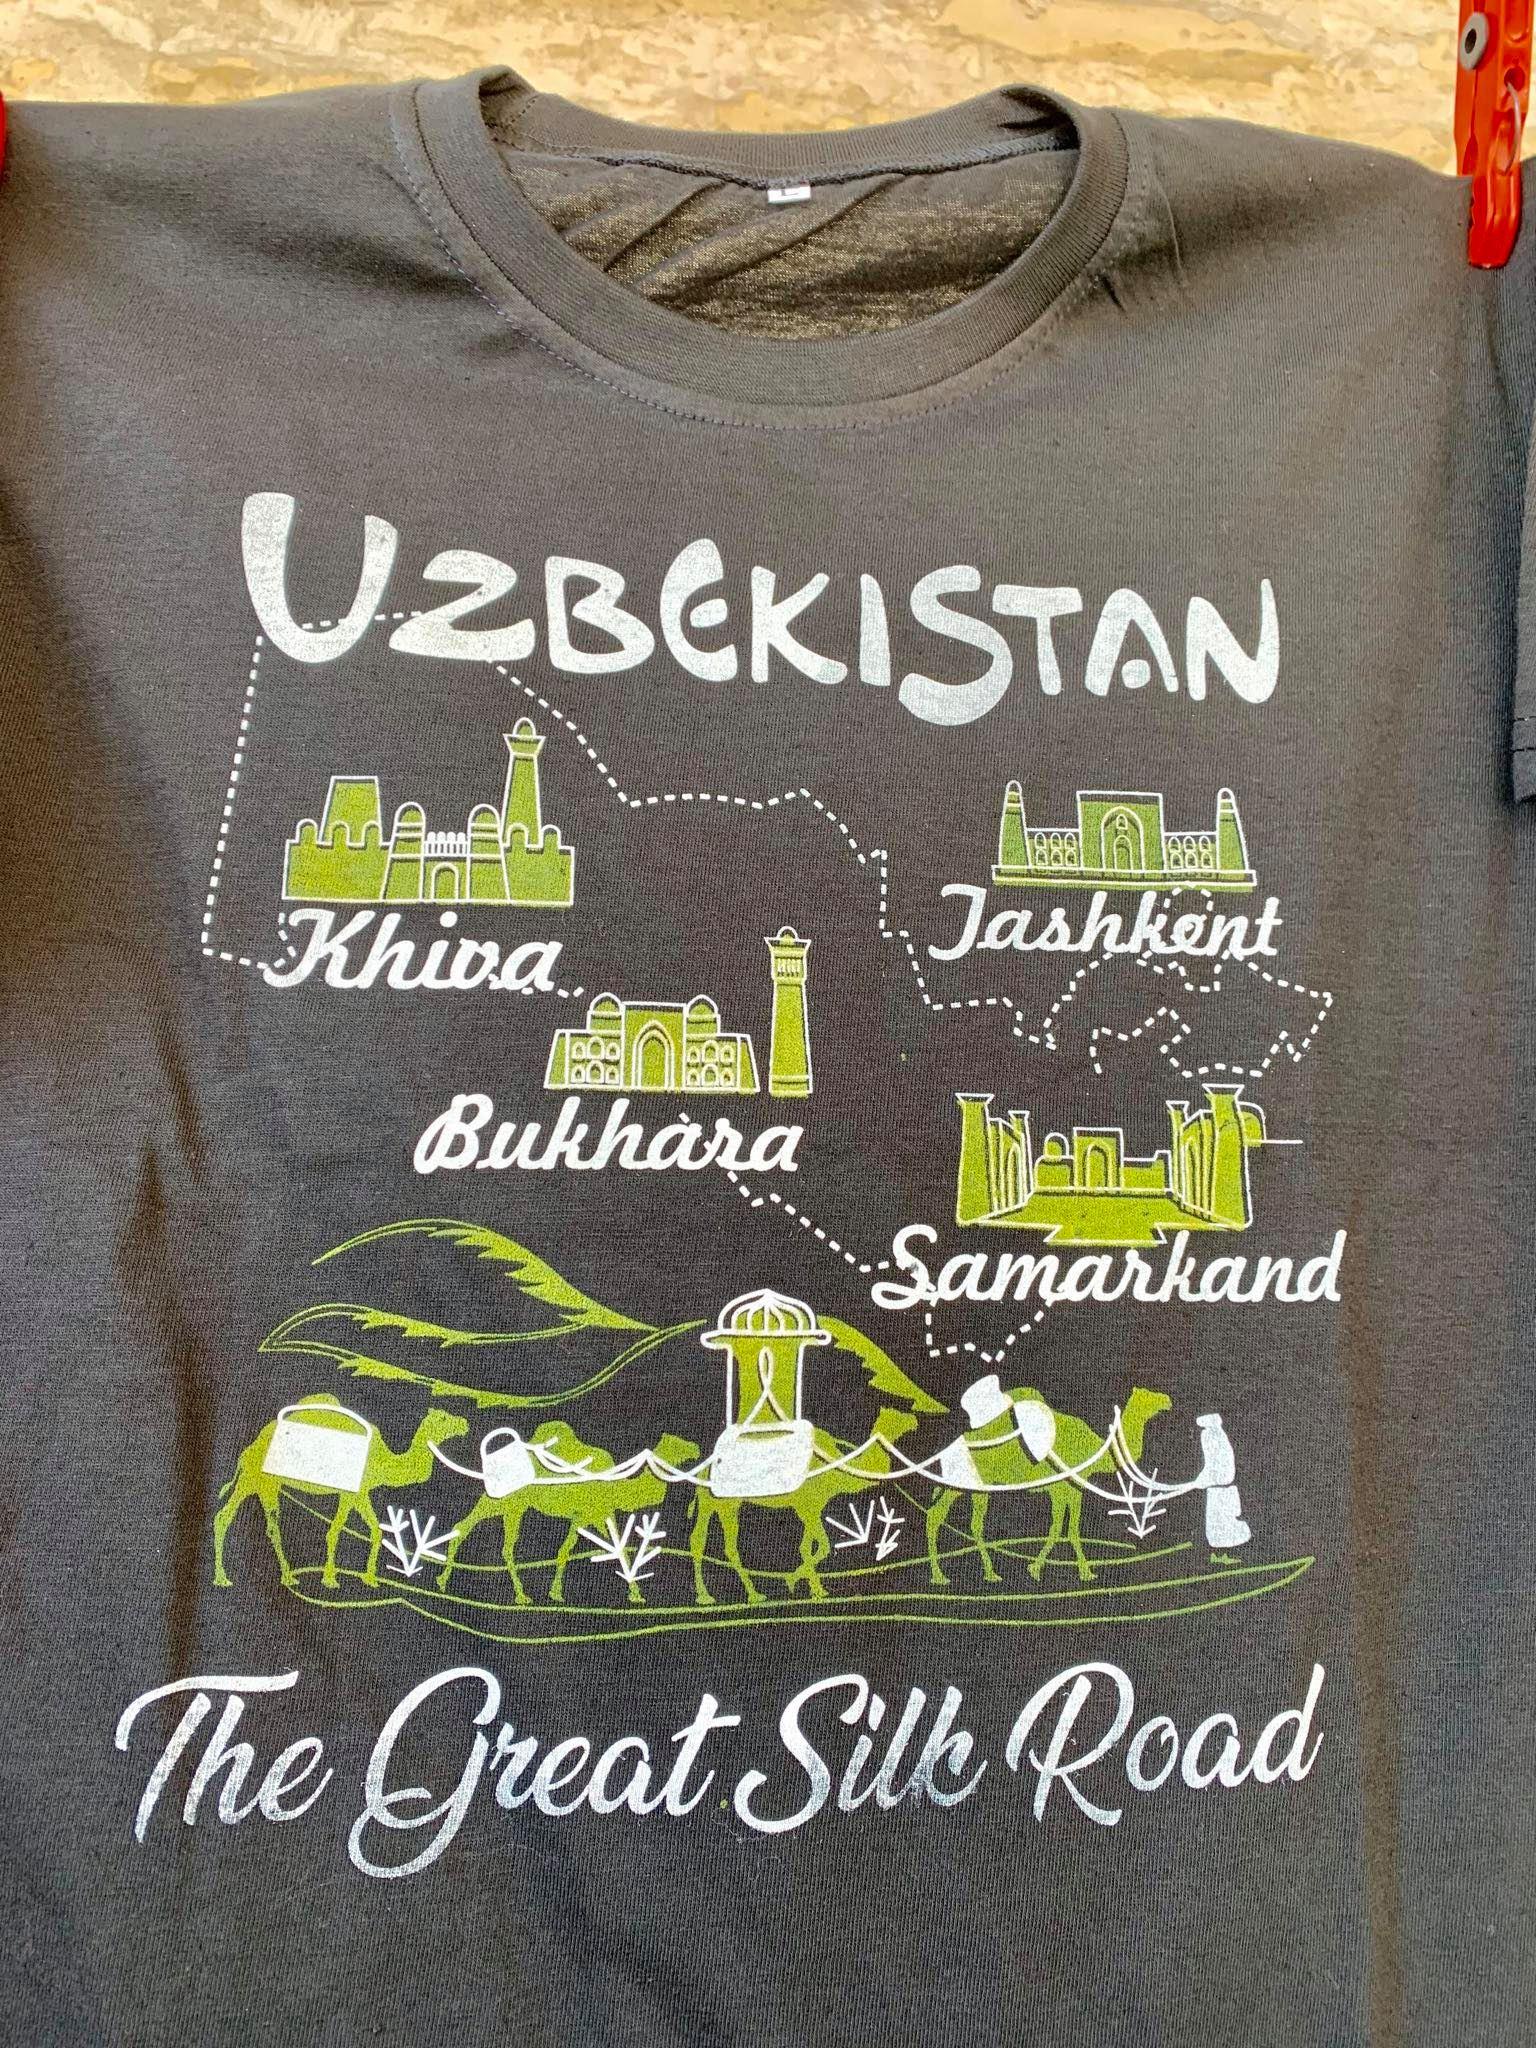 Kach Solo Travels in 2019 Last stop in Uzbekistan25.jpg